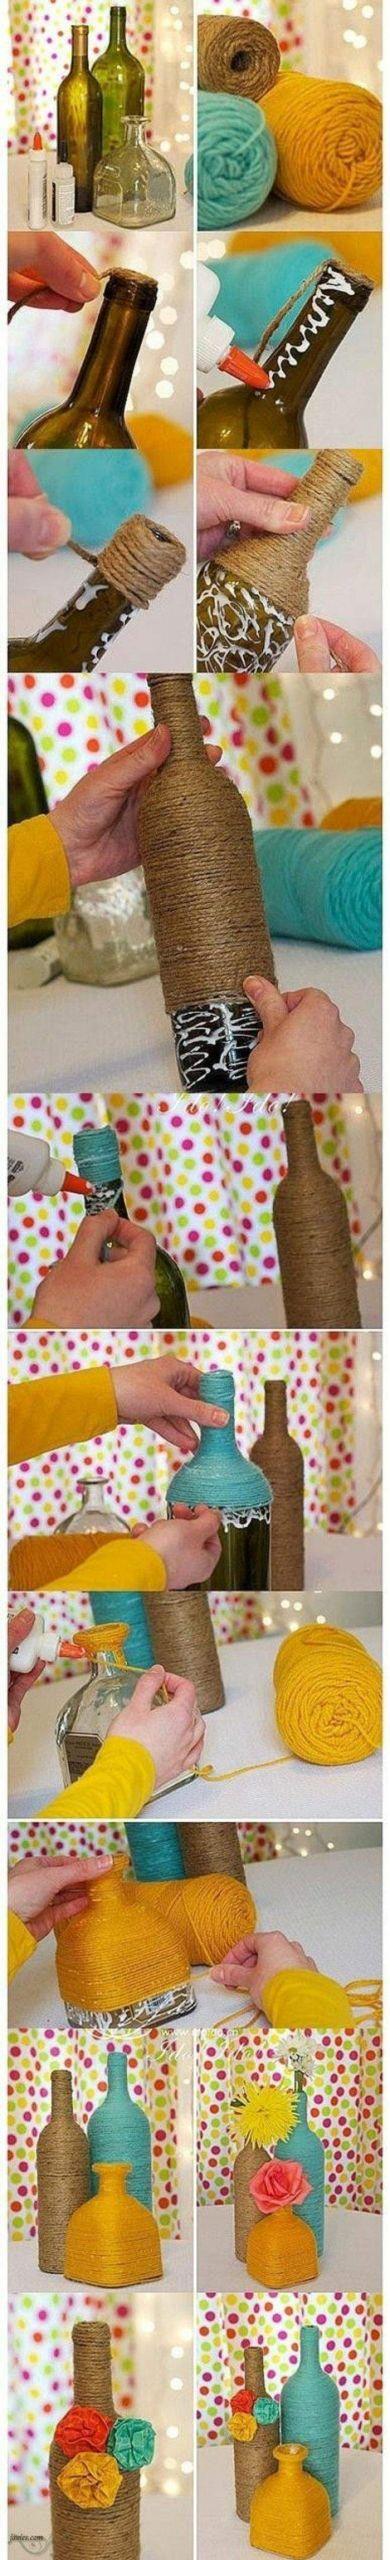 dekoideen diy alte gegenst C3 A4nde vasen selber basteln glasflaschen jute